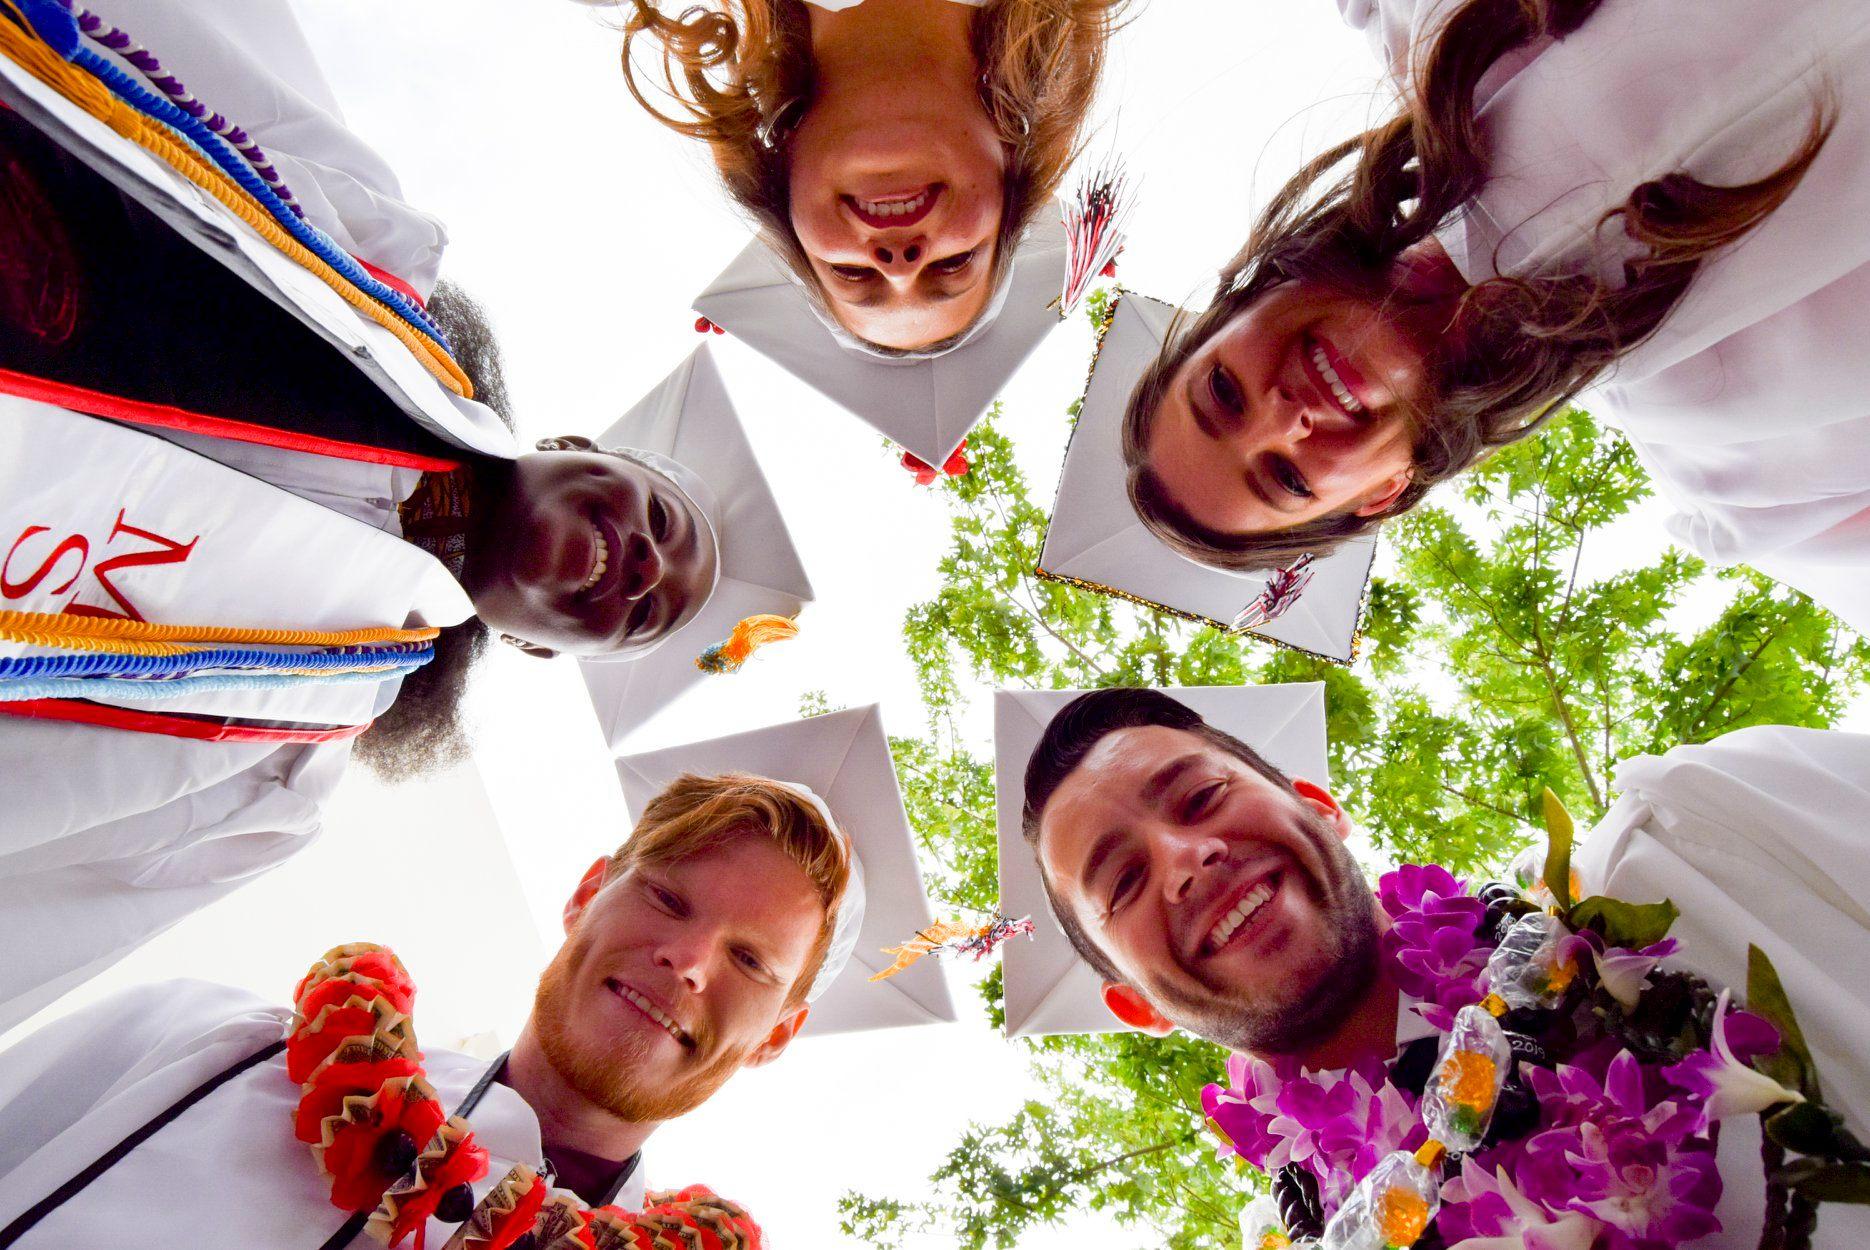 MSJC Recognizes 46 Nursing Graduates During Nurse Pinning Ceremony